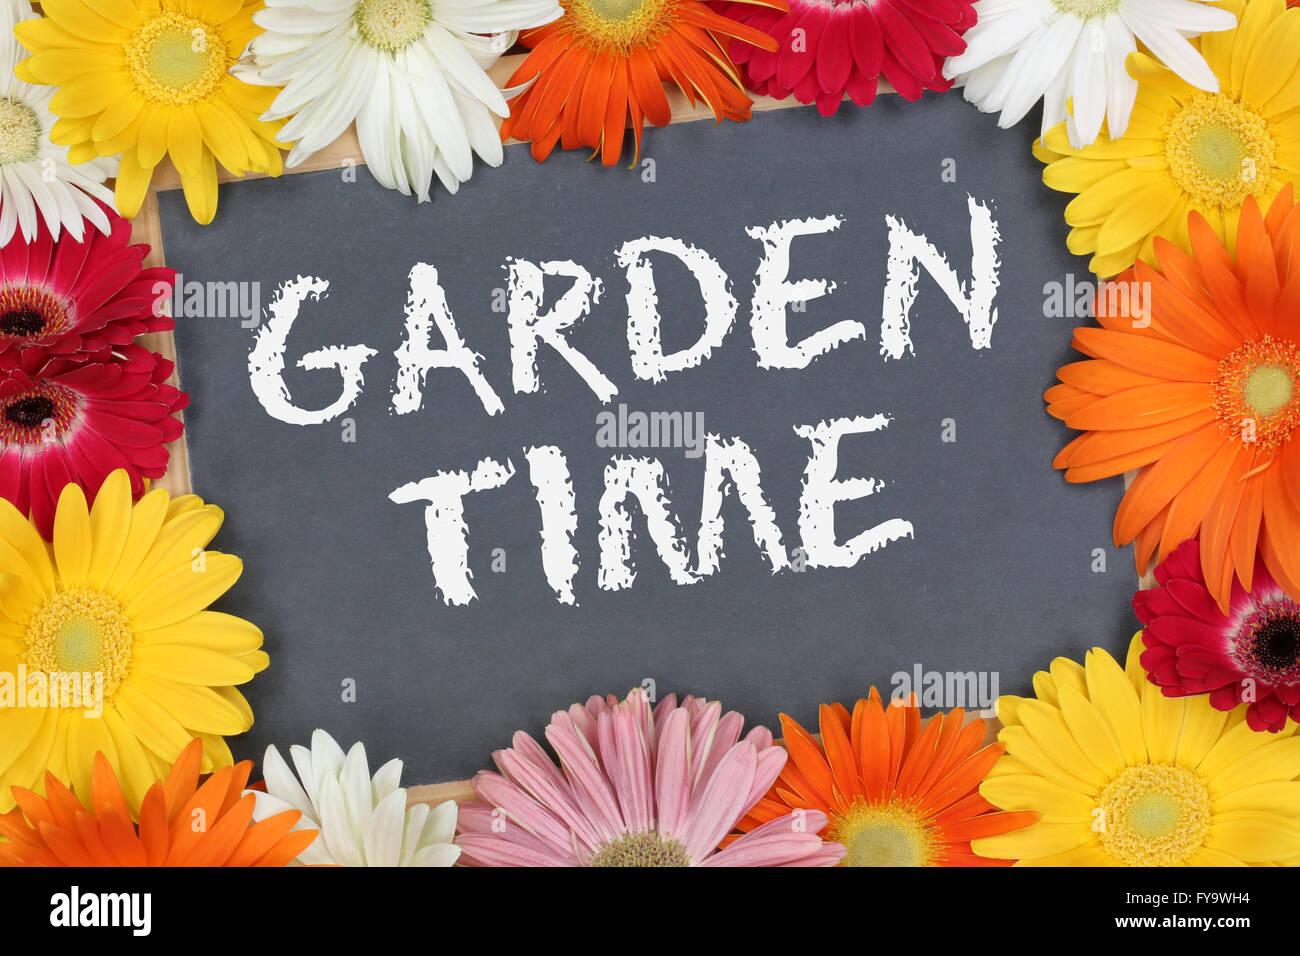 Tempo di giardino con fiori colorati fiori segno della scheda Immagini Stock